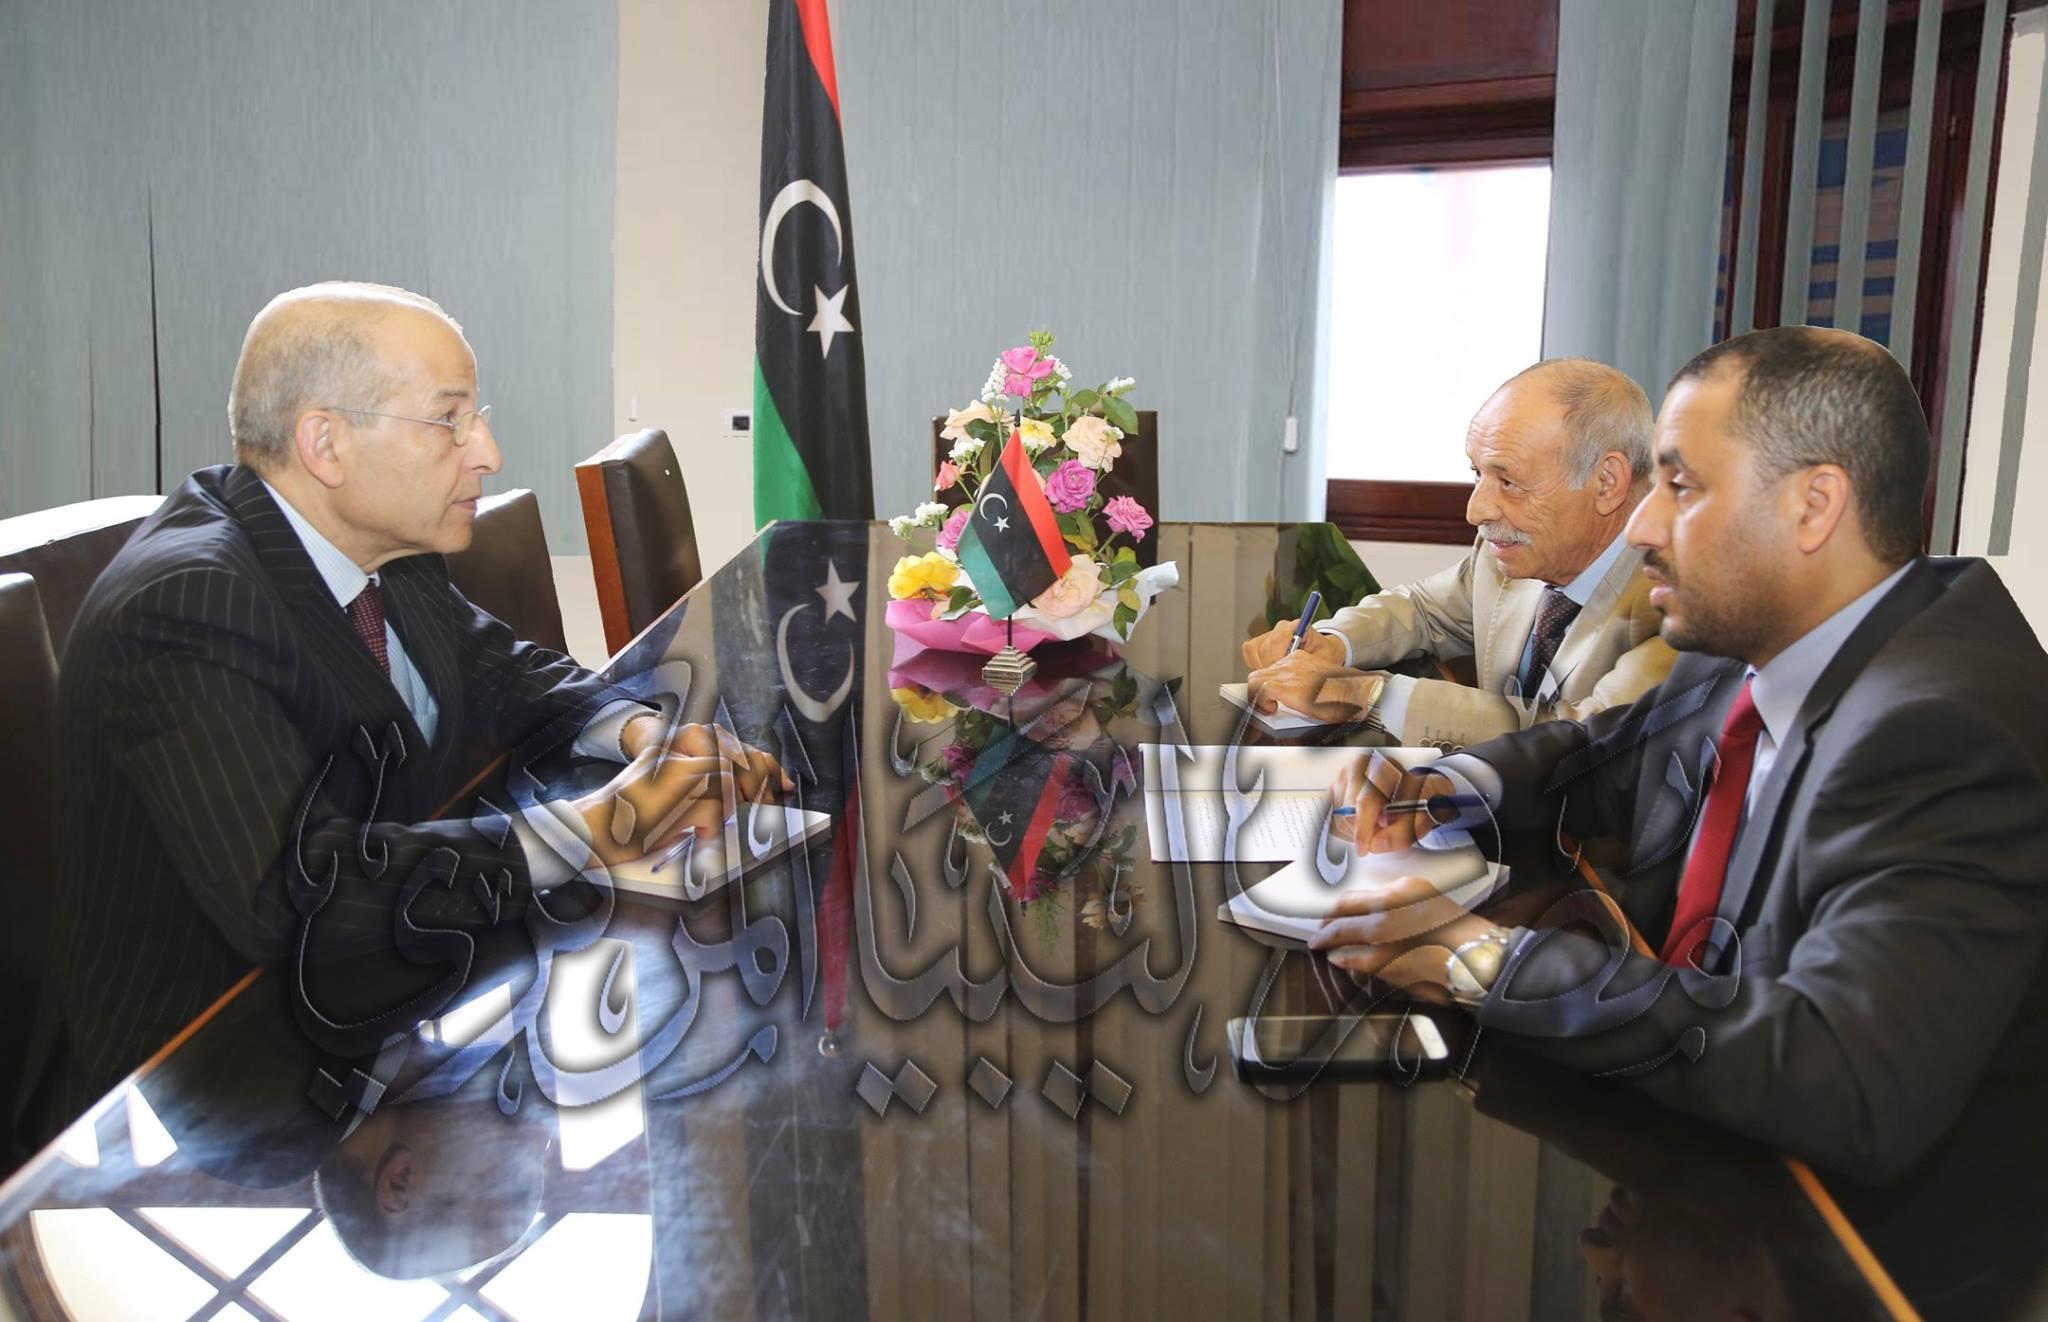 إجتماع محافظ مصرف ليبيا المركزي برئيس المجلس الأعلى للدولة